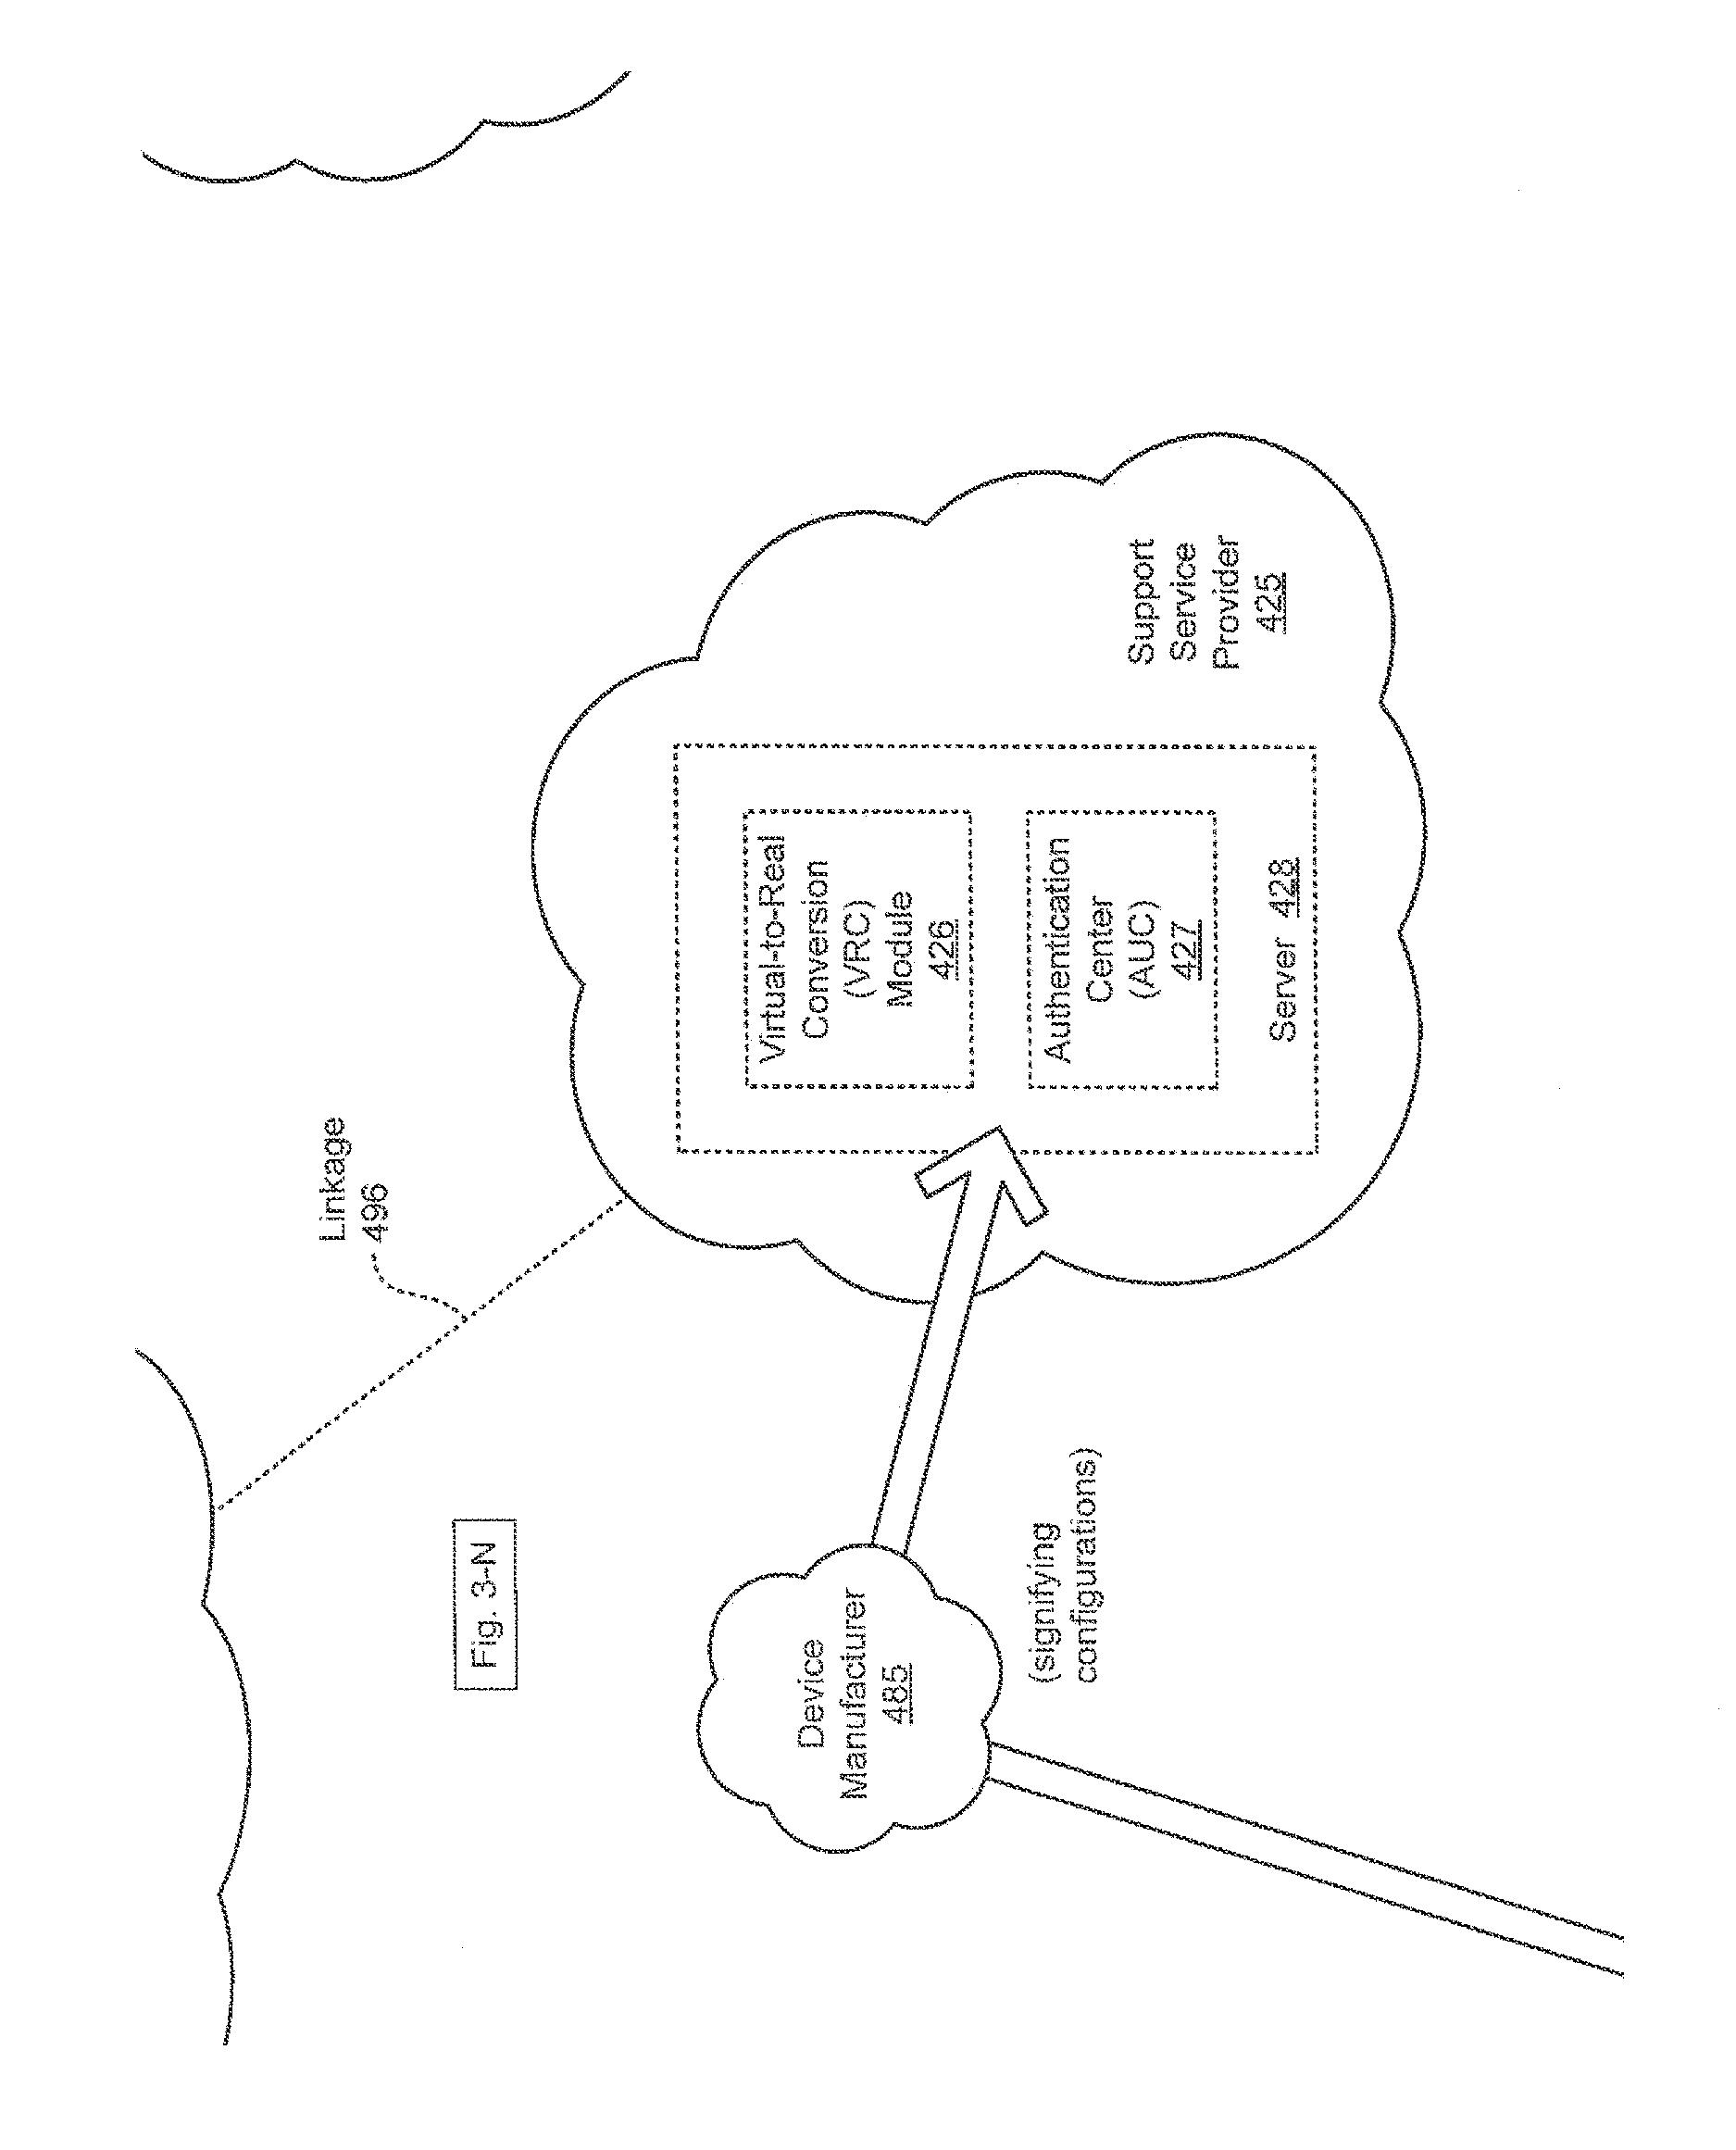 Patent Us 9774728 B2 Relay Circuit In Multisim Images